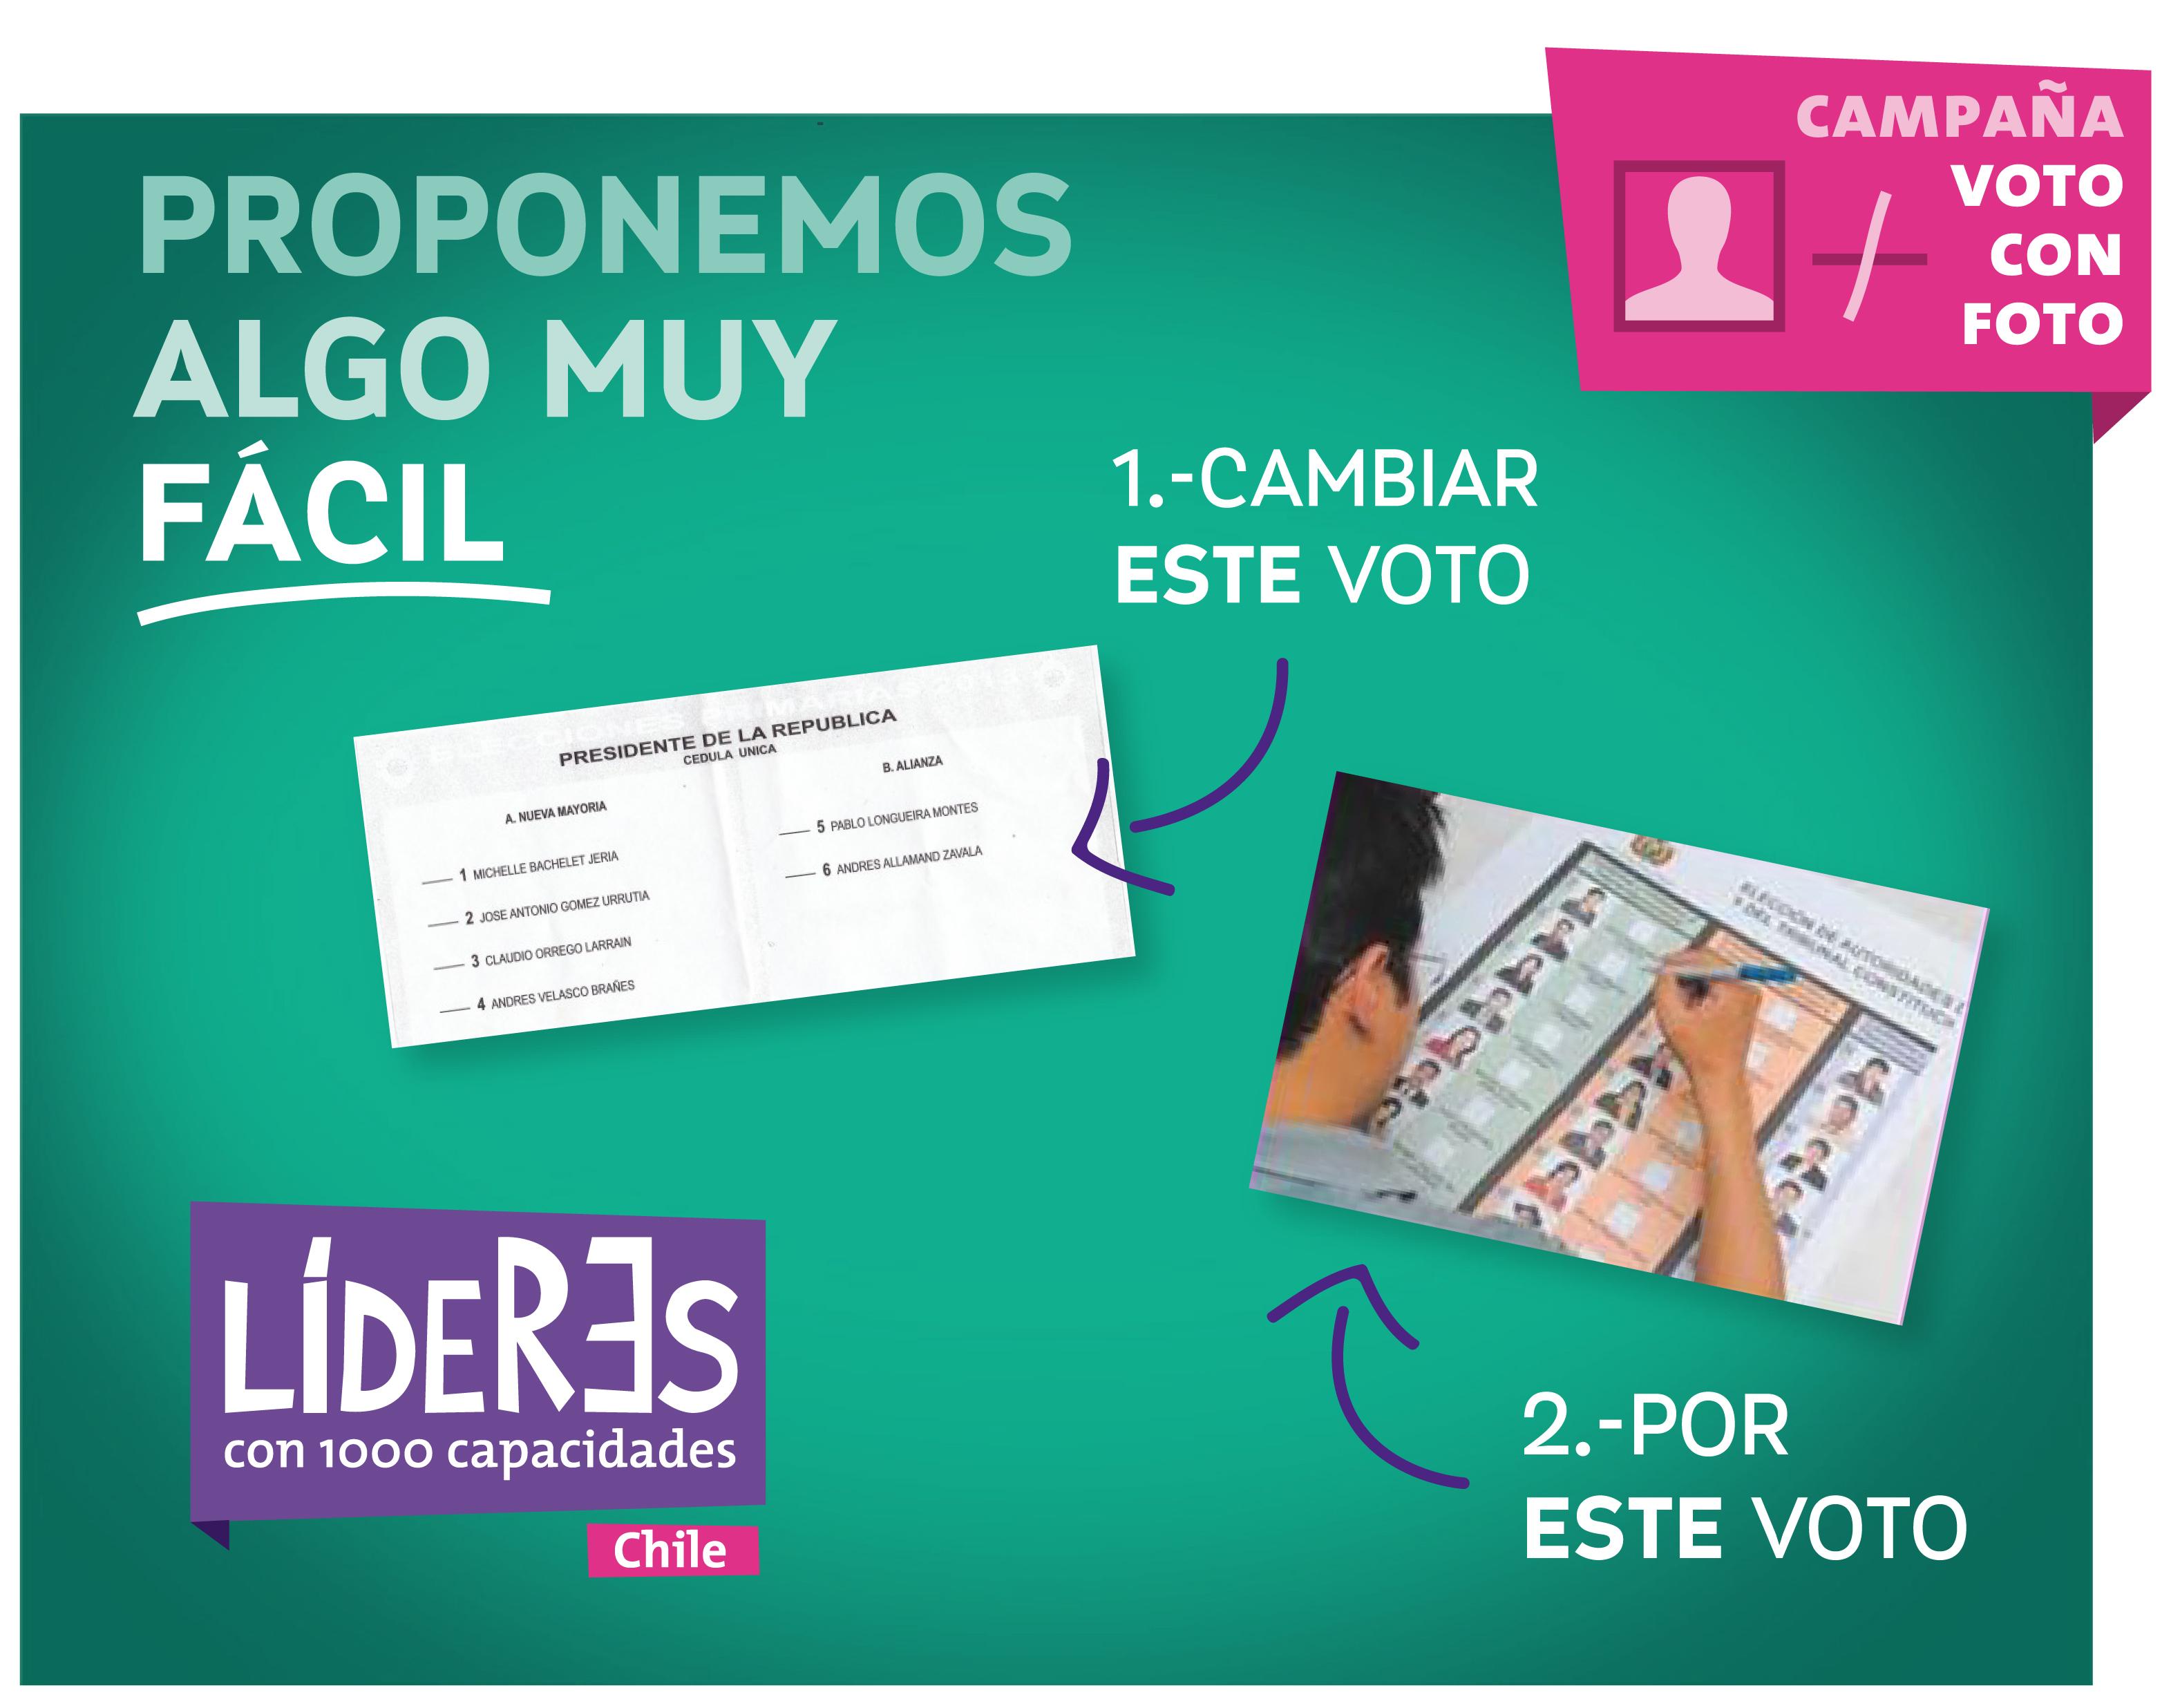 Campaña Voto con Foto